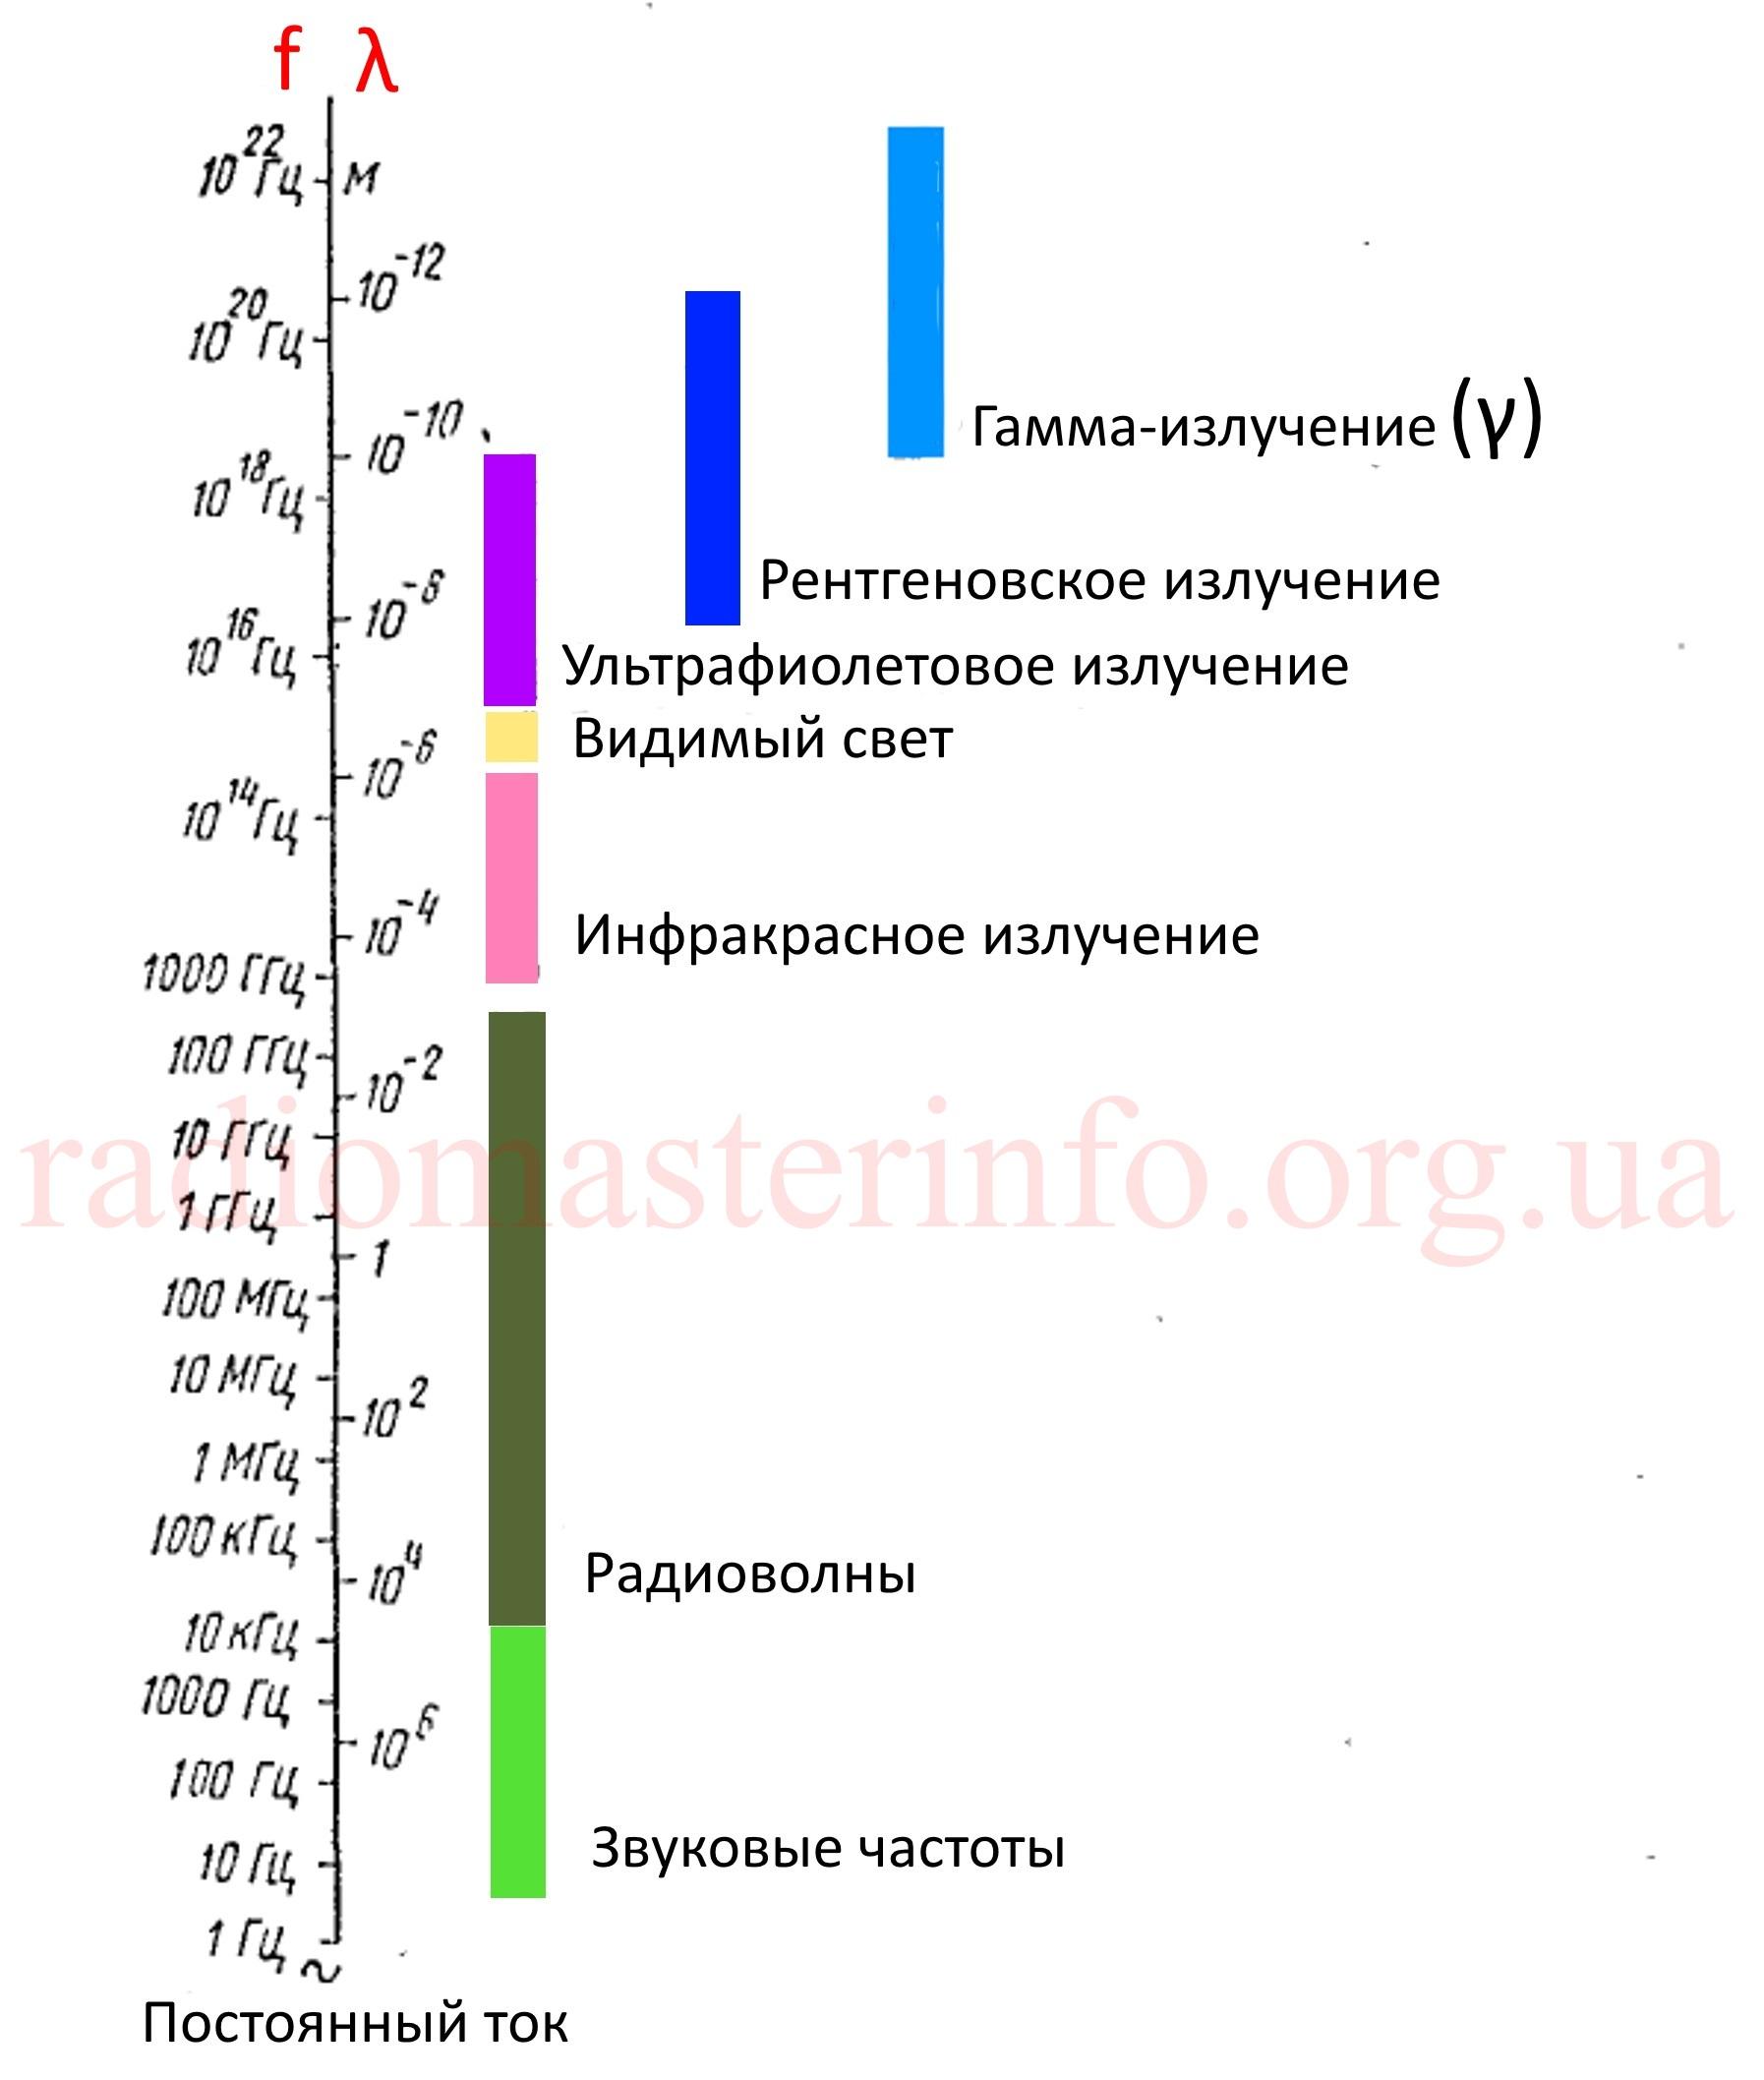 График частот 1v